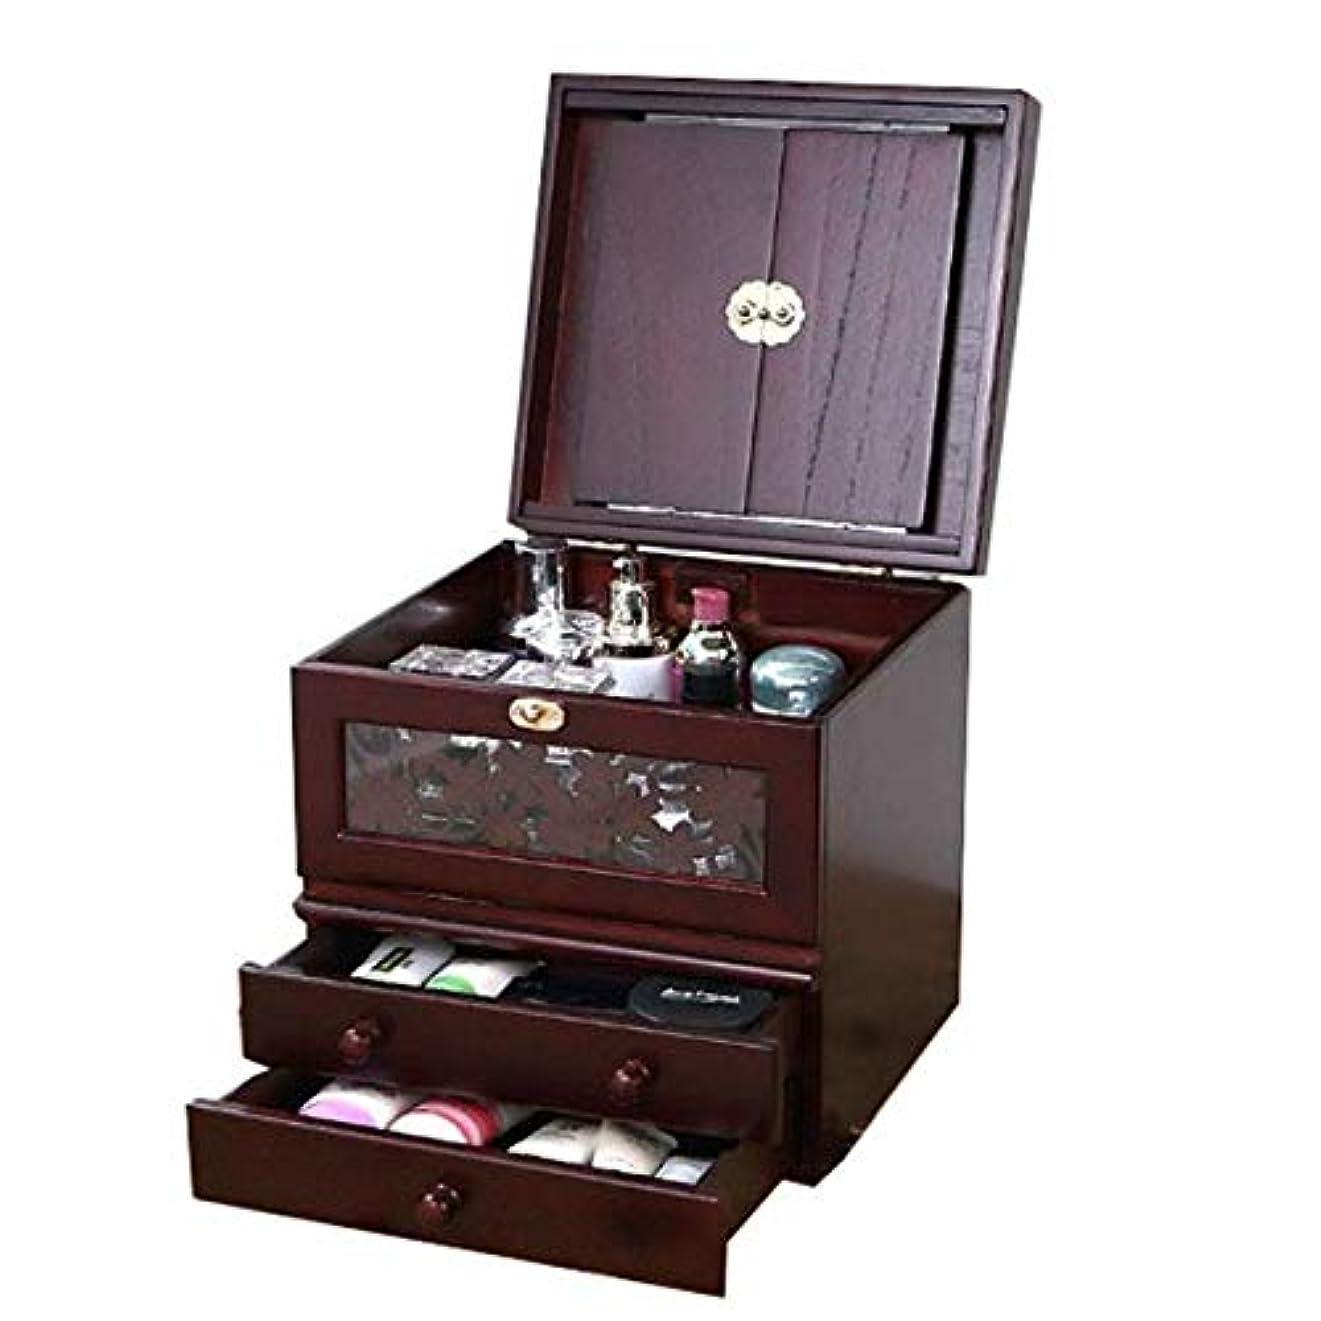 いじめっ子味わう毎日化粧箱、ミラー付きヴィンテージ木製化粧品ケースの3層、ハイエンドの結婚祝い、新築祝いのギフト、美容ネイルジュエリー収納ボックス